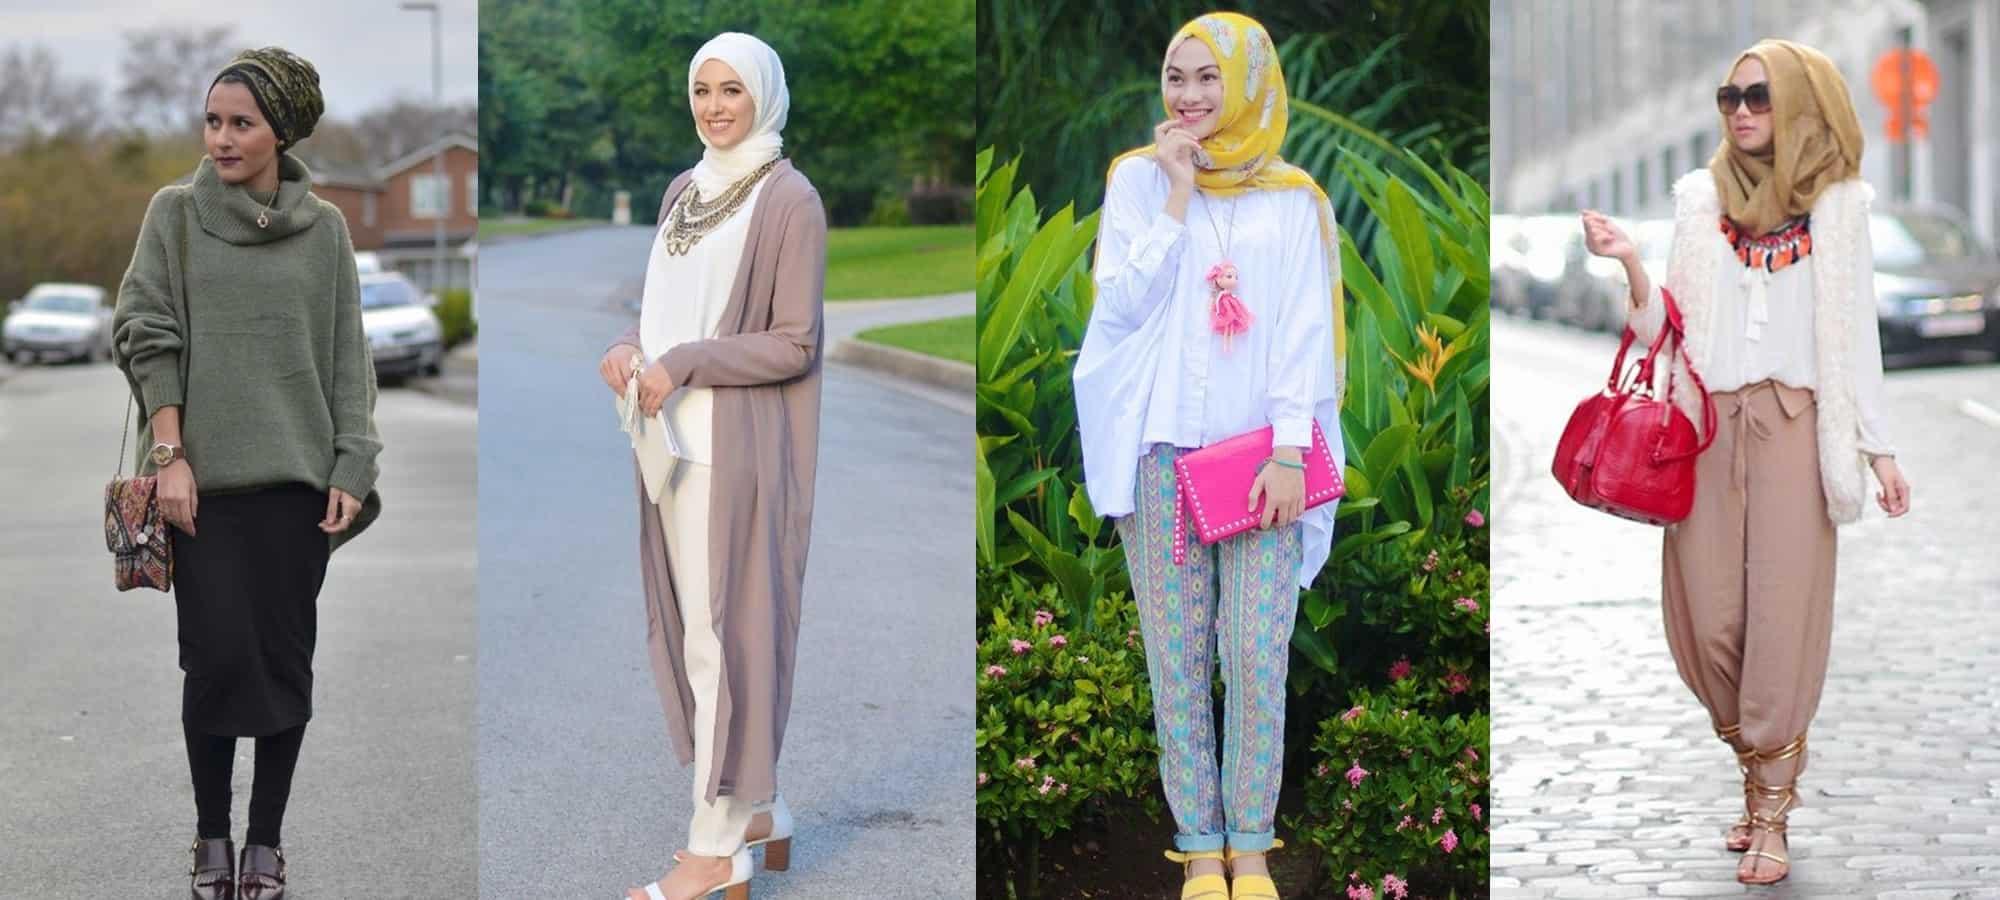 تنسيق ملابس المحجبات ملونة